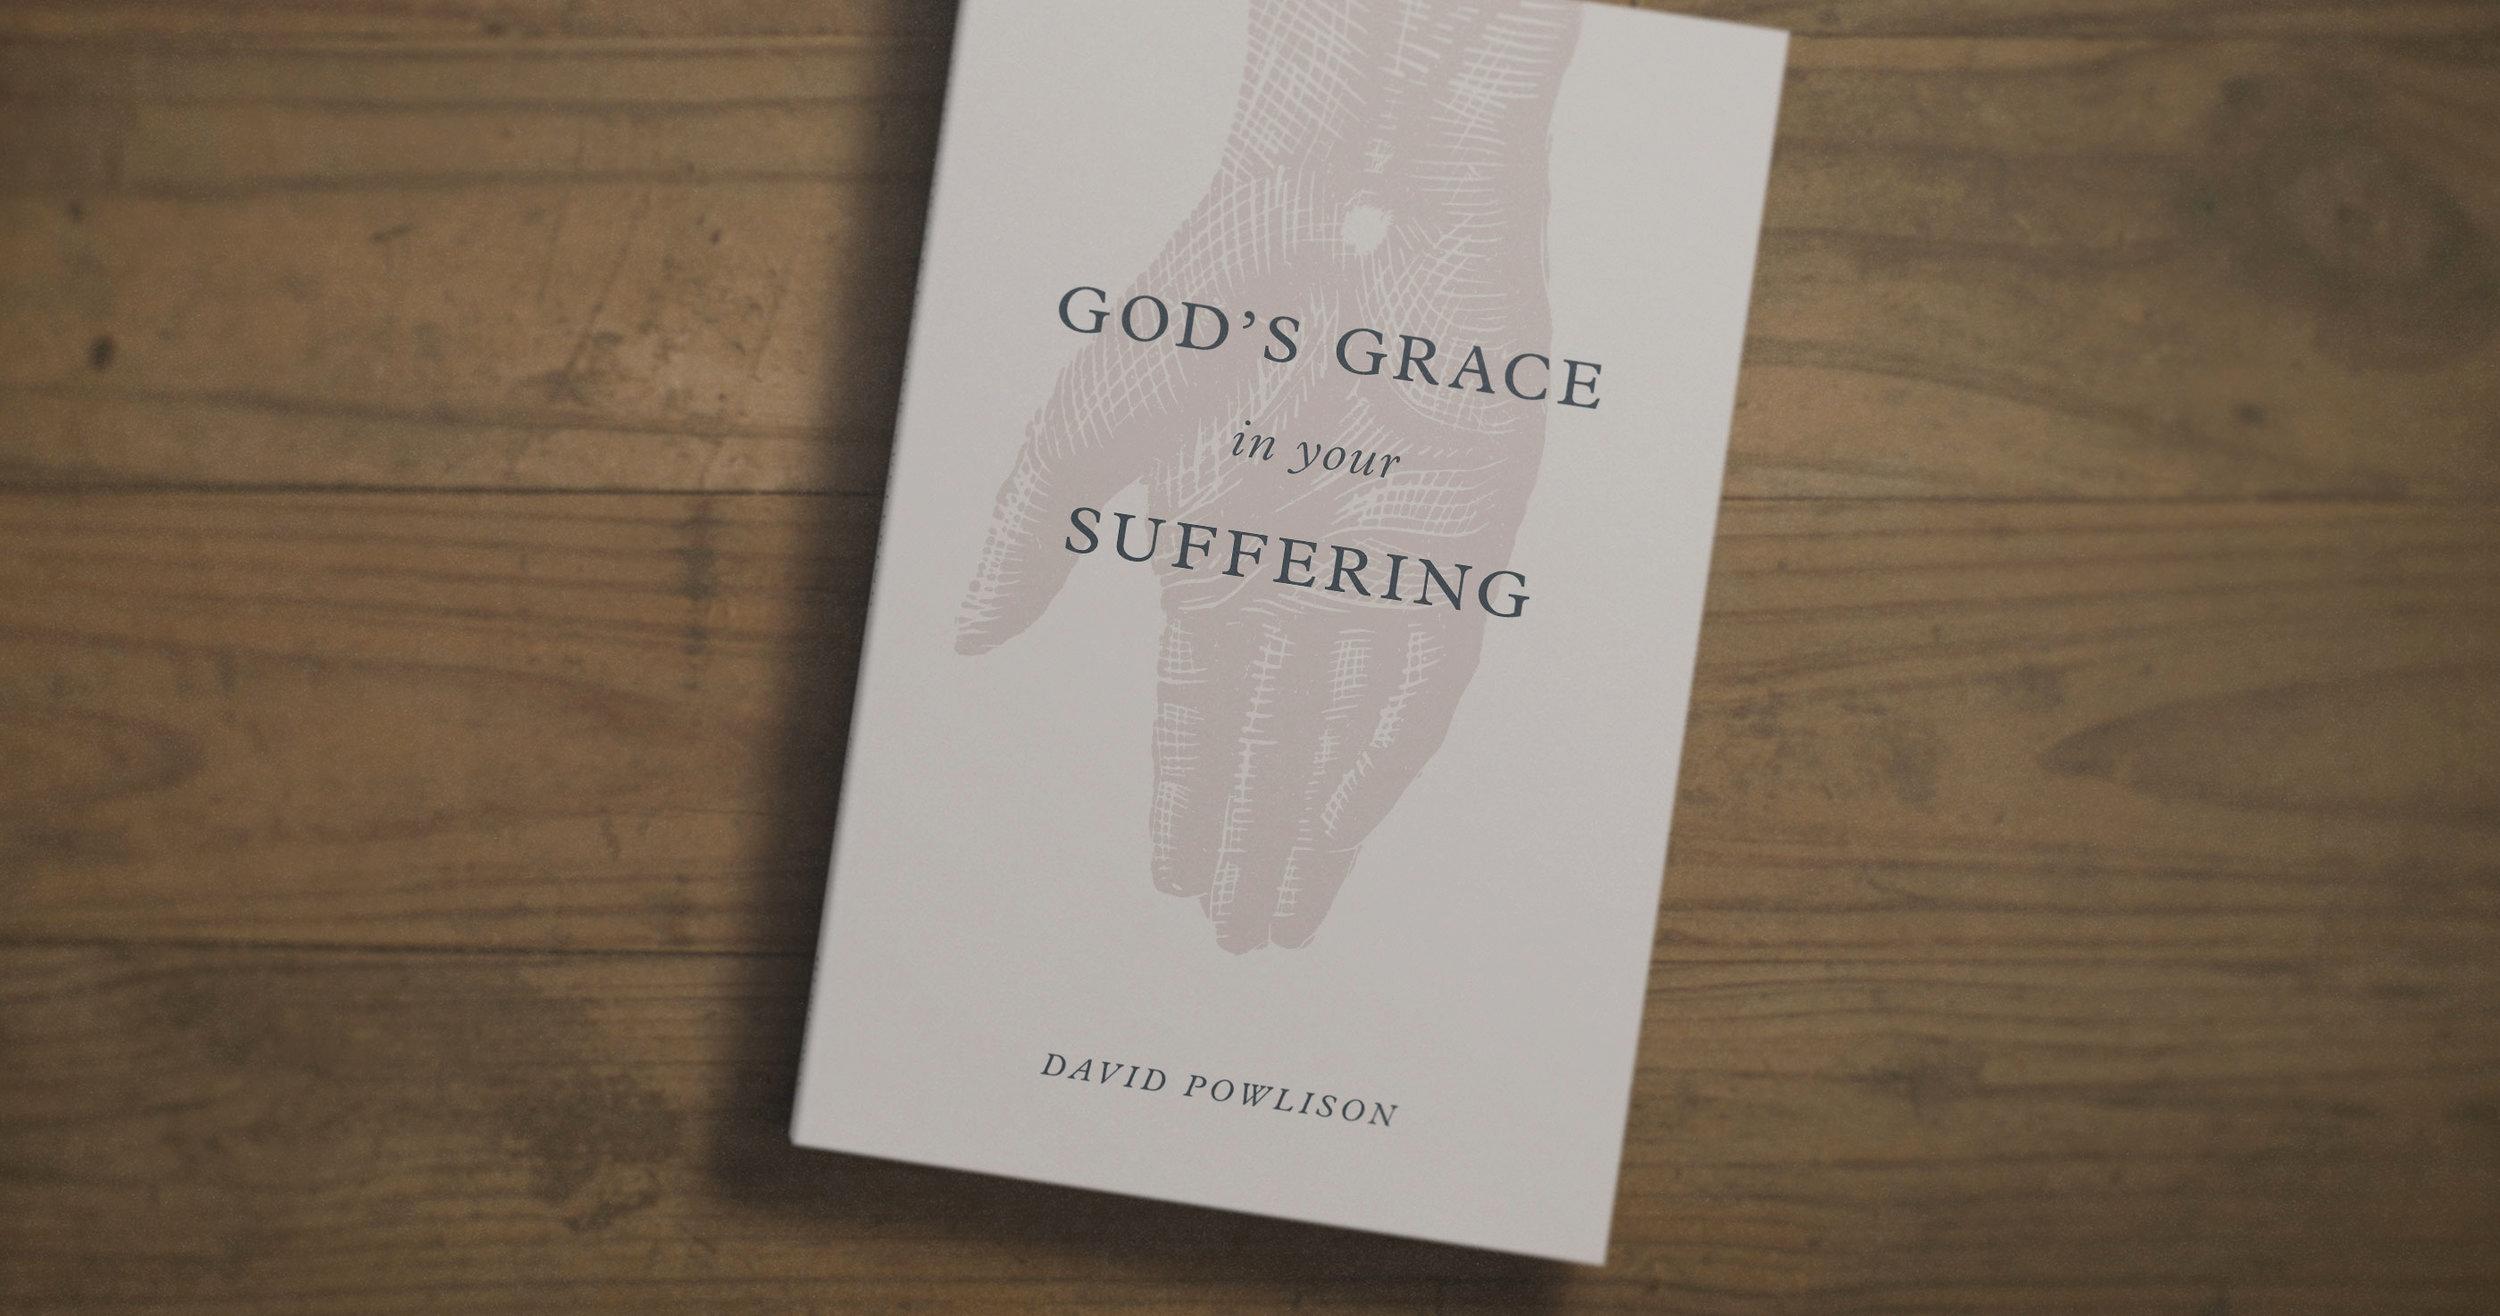 gods-grace-suffering.jpg